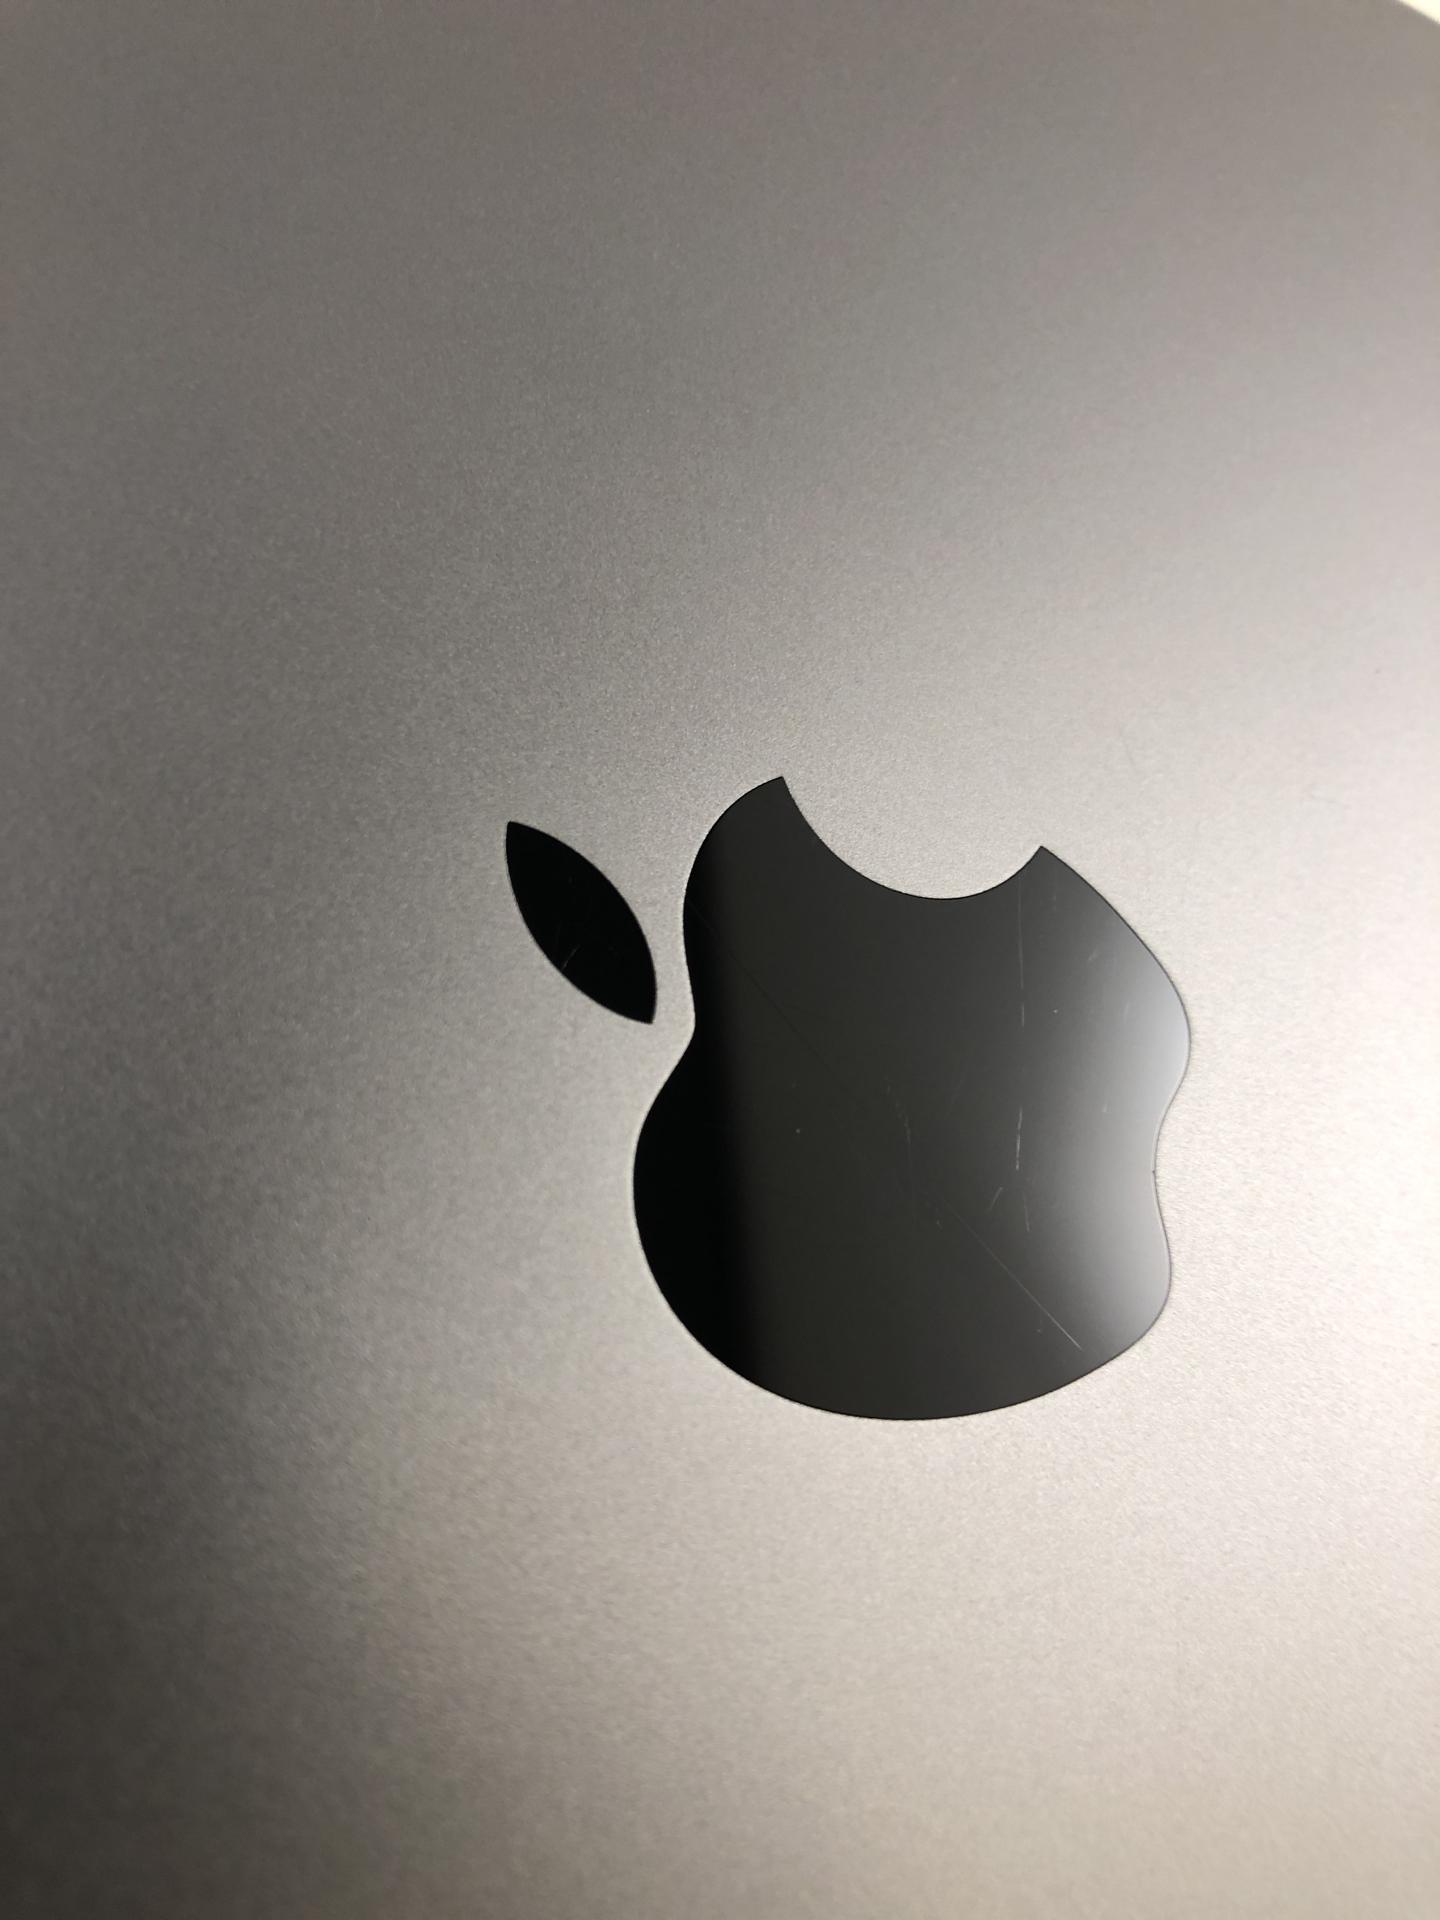 """iPad Pro 10.5"""" Wi-Fi + Cellular 256GB, 256GB, Space Gray, image 4"""